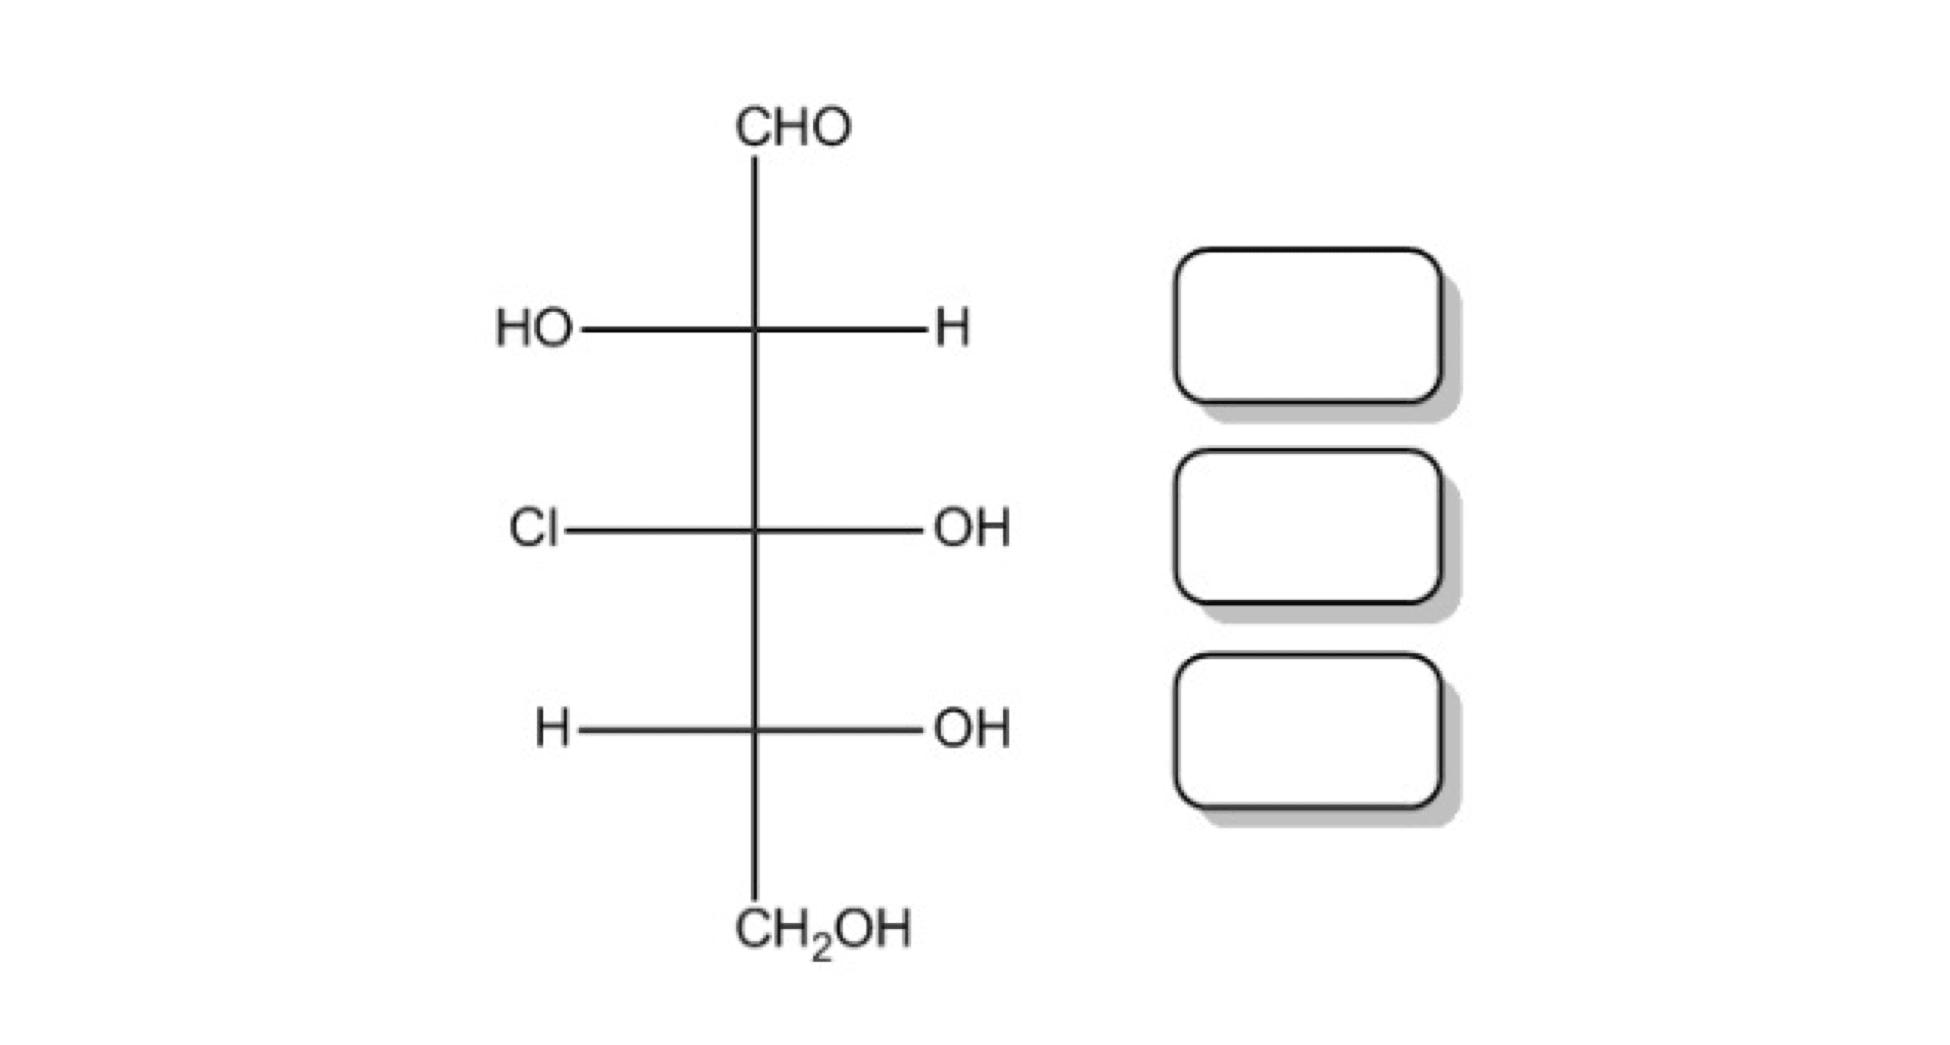 3-chloro-2,3,4,5-tetrahydroxypentanal without stereochemistry